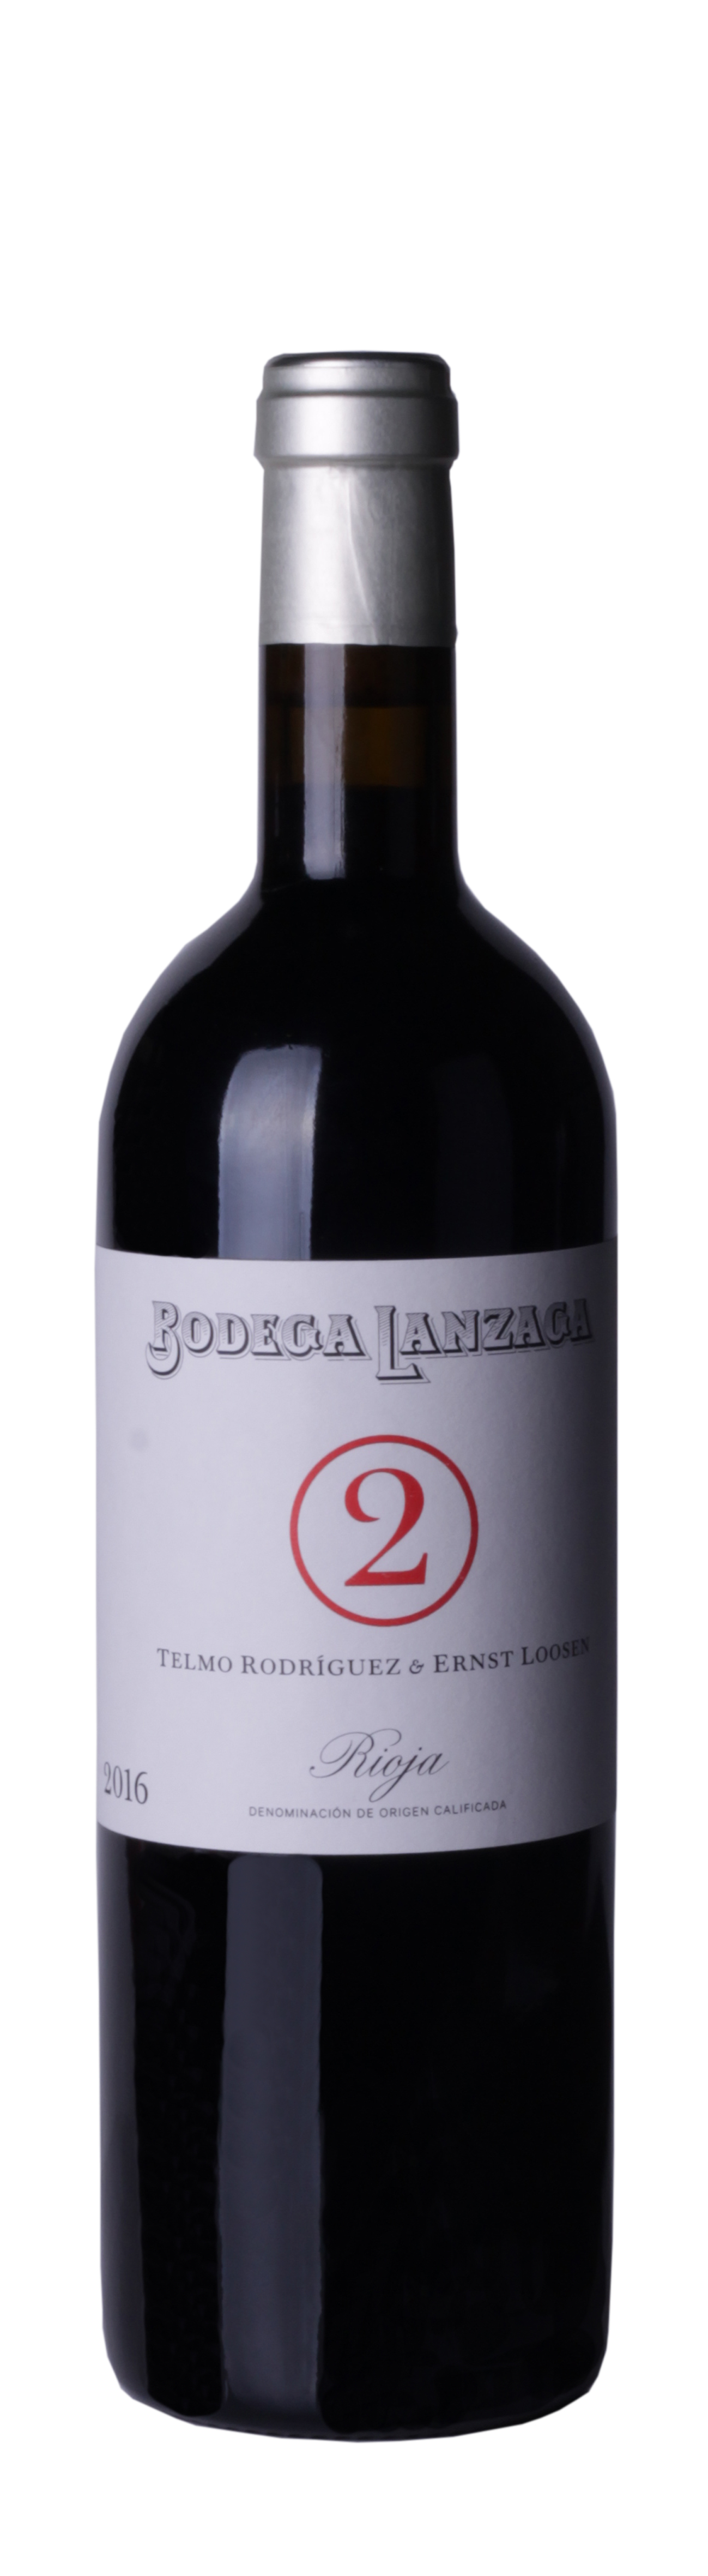 2016 Bodega Lanzaga Rioja